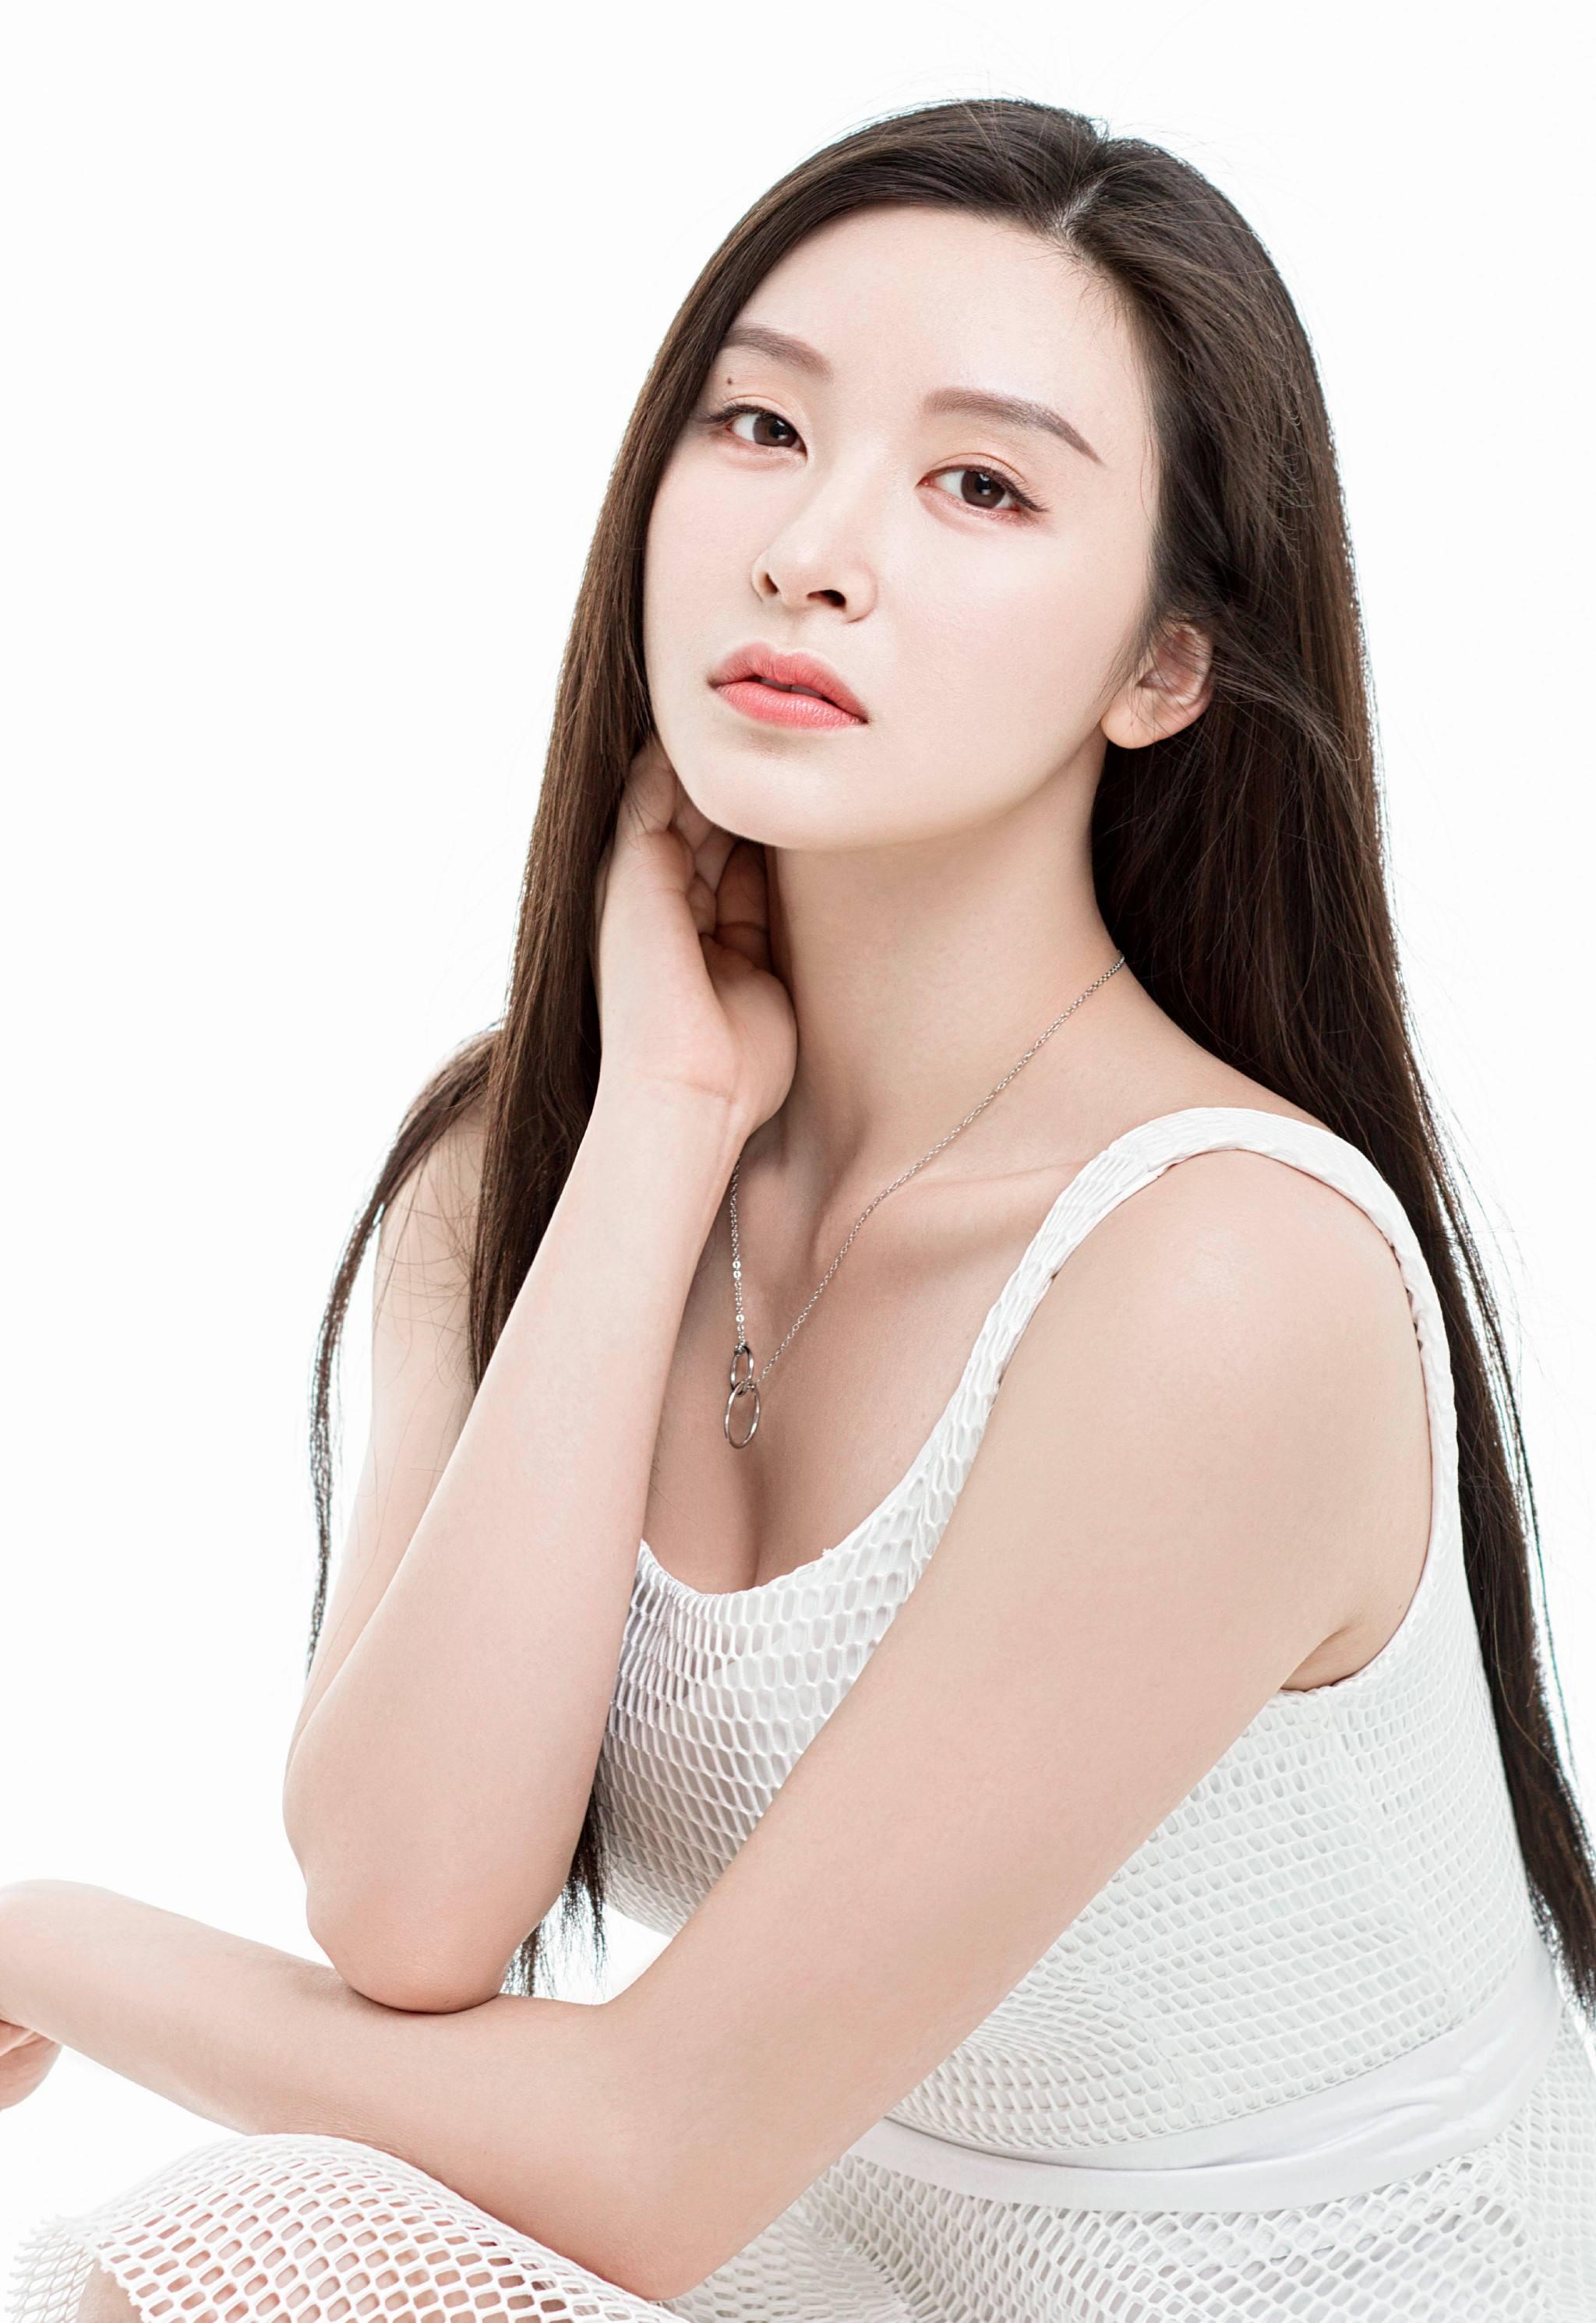 甜蜜暴击程亚楠扮演者李萌萌是谁演过哪些戏?微博个人资料长发照图片